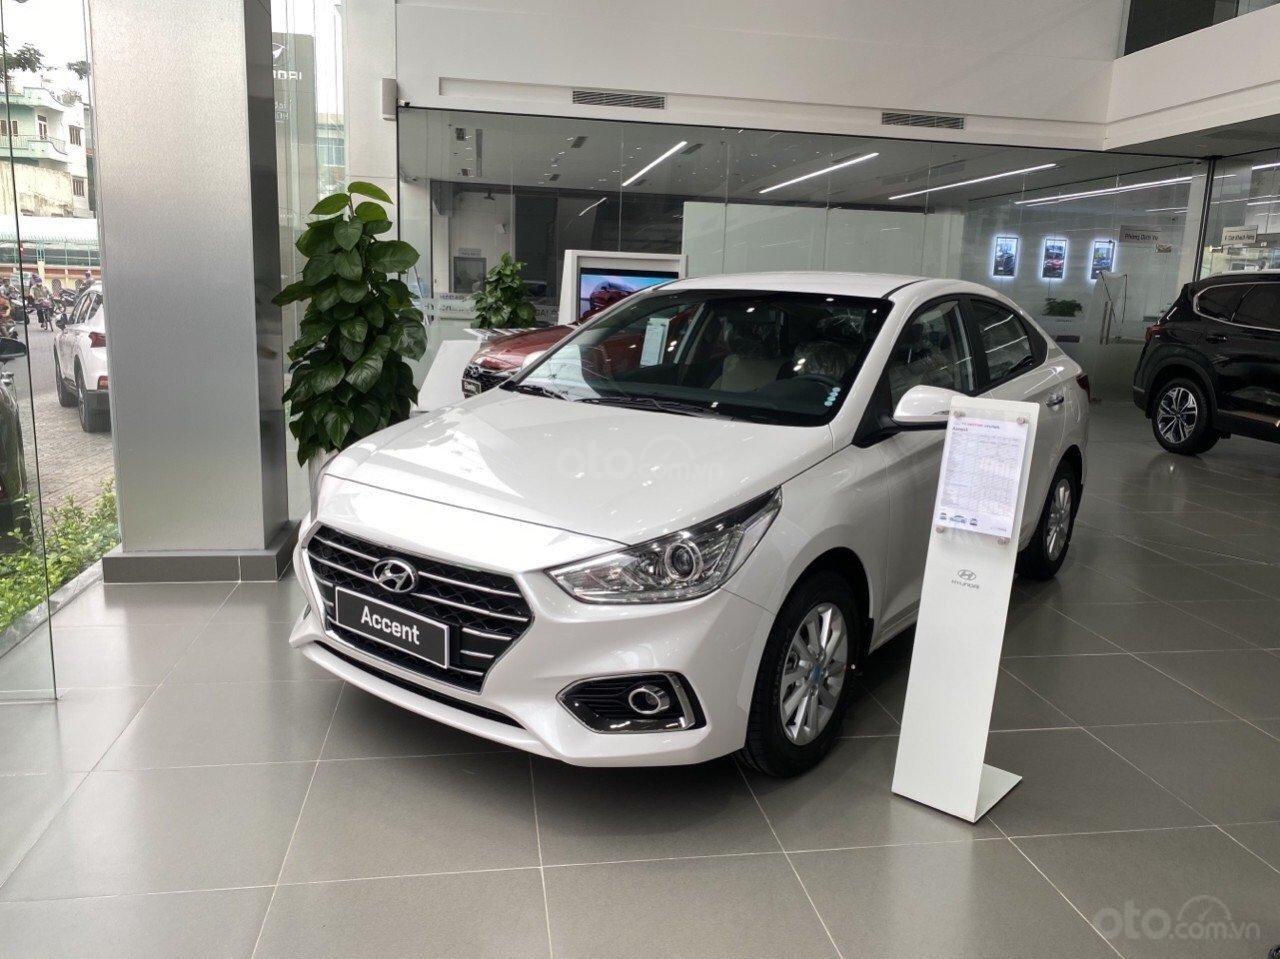 Bán Hyundai Accent tiêu chuẩn đỏ 2020, đủ mầu, tặng 10 - 15 triệu và nhiều ưu đãi (7)